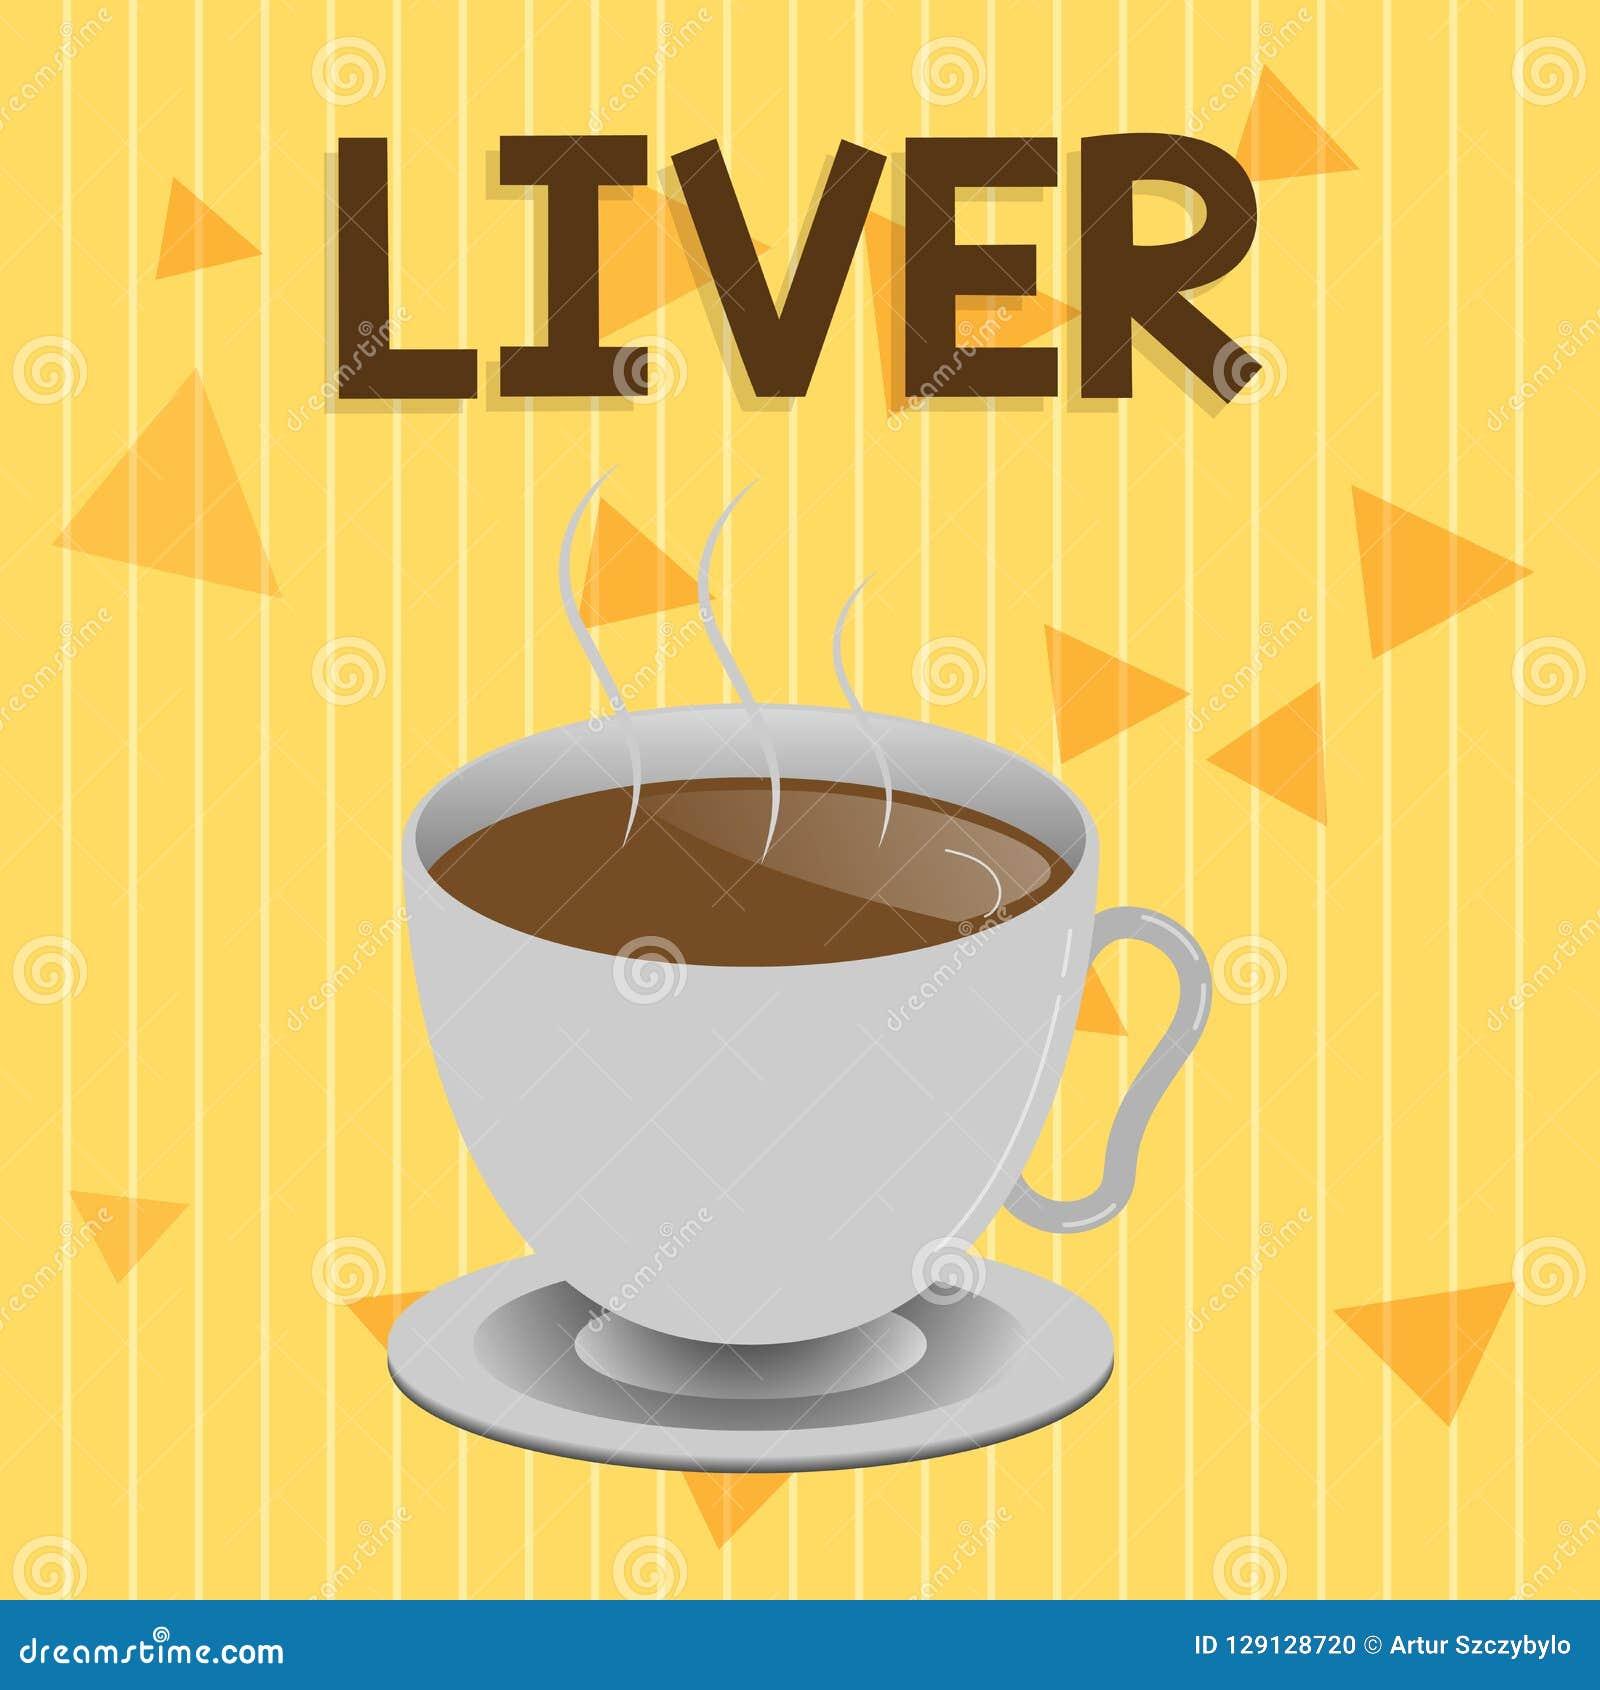 手写文本肝脏 意味在脊椎动物的腹部的概念大有裂片的腺器官生产胆汁